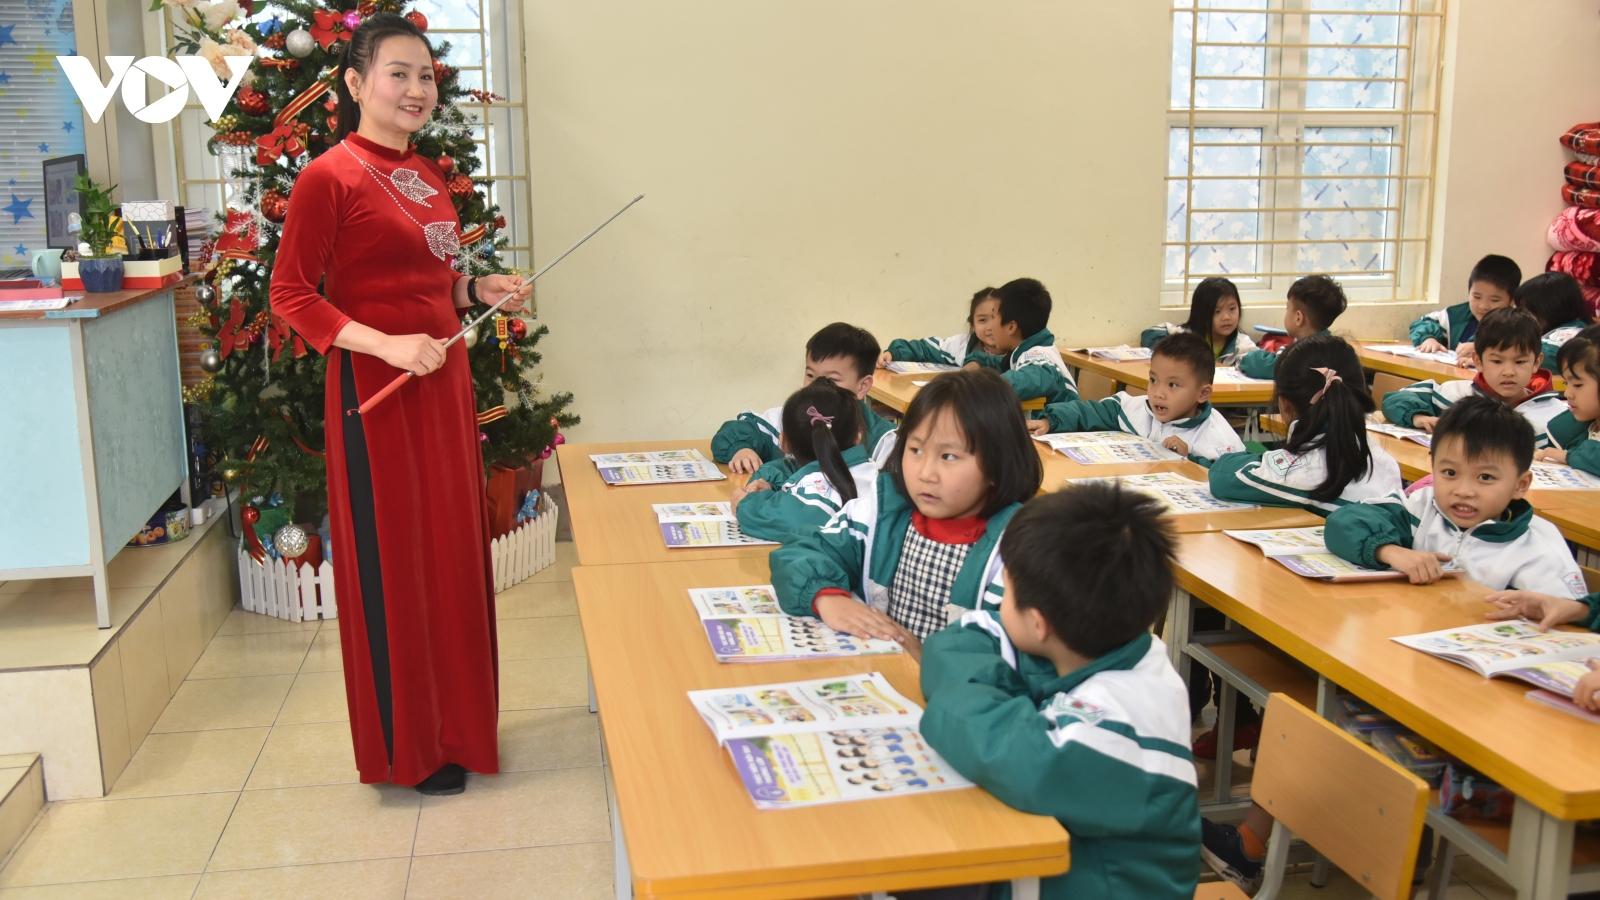 23 tỉnh, thành phố cho học sinh quay trở lại trường học trực tiếp